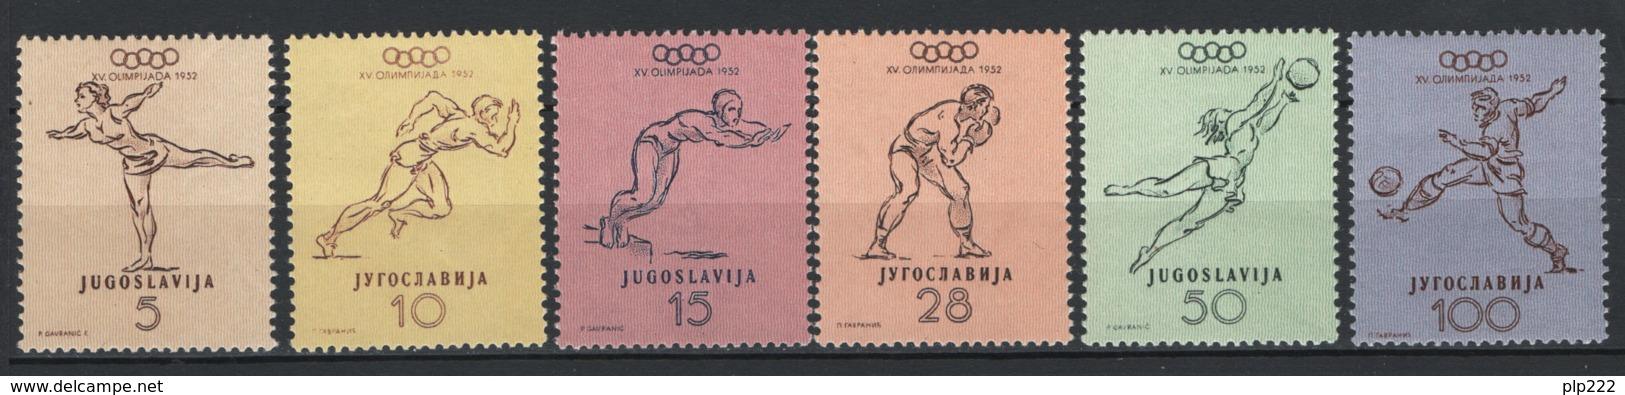 Jugoslavia 1952 Unif. 611/16 **/MNH VF - 1945-1992 Repubblica Socialista Federale Di Jugoslavia